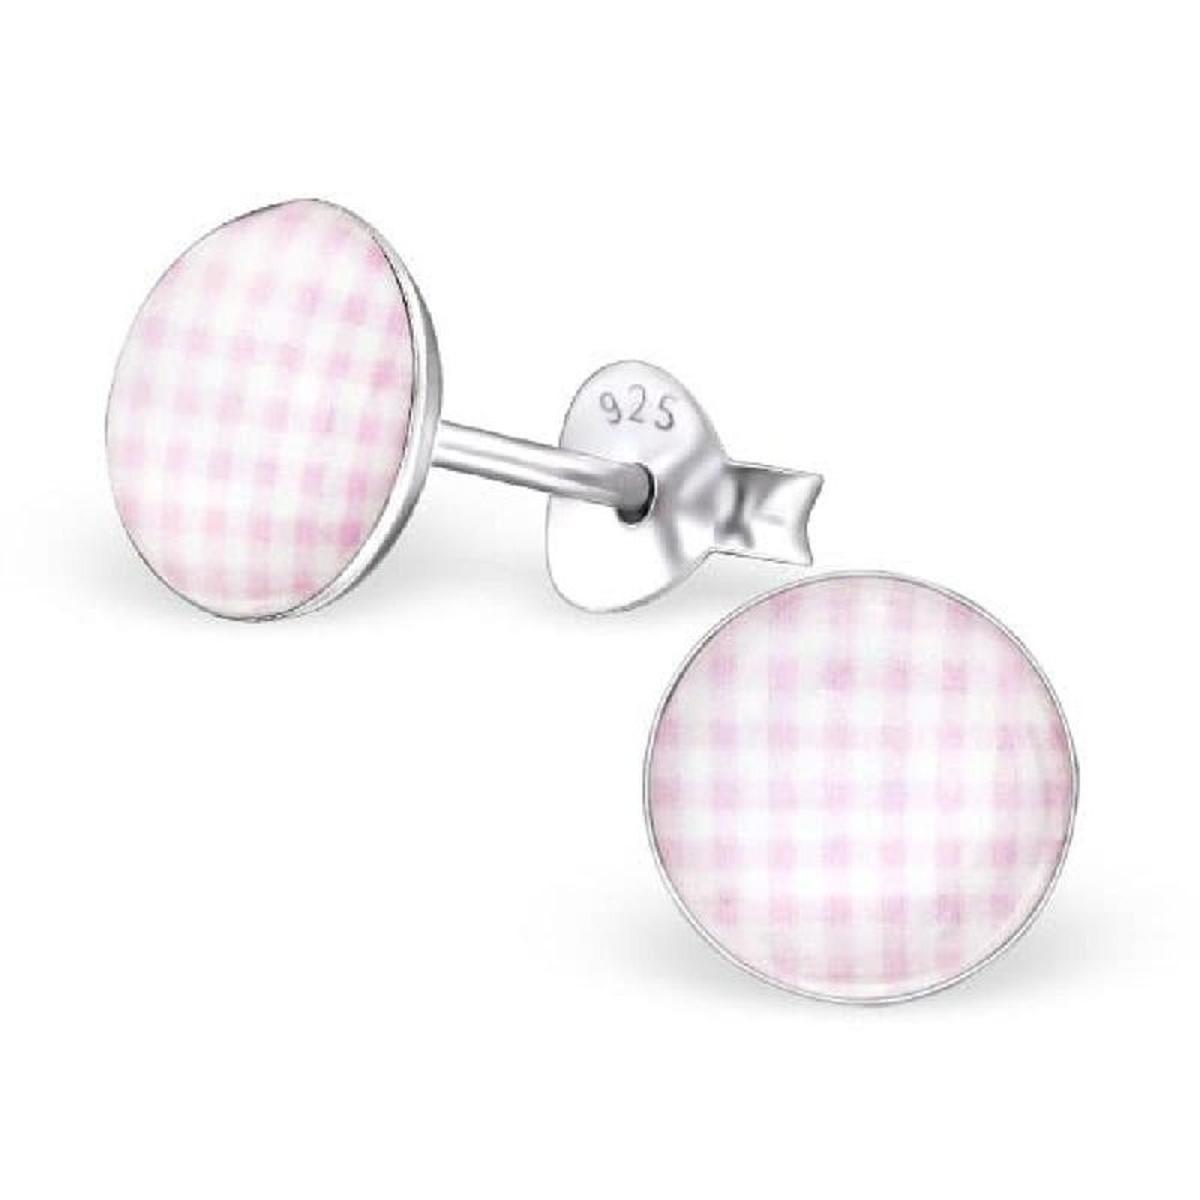 Boucles d'oreilles Motif Vichy Rose Clair Argent 925